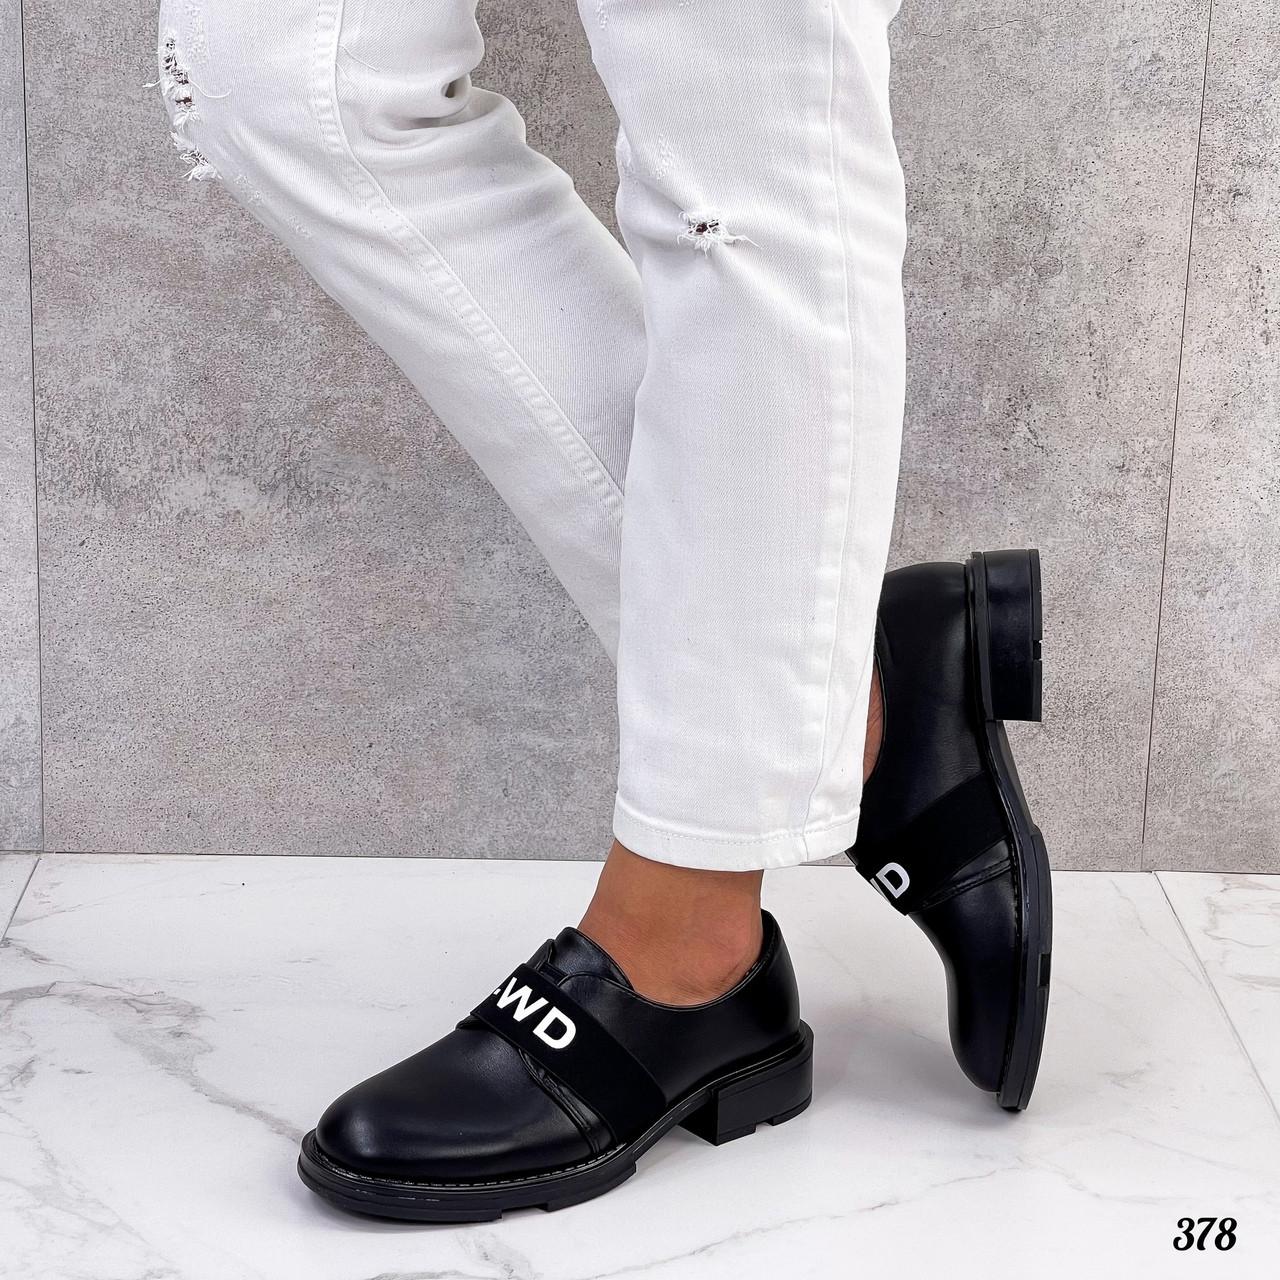 Женская обувь туфли 378 (ТМ)